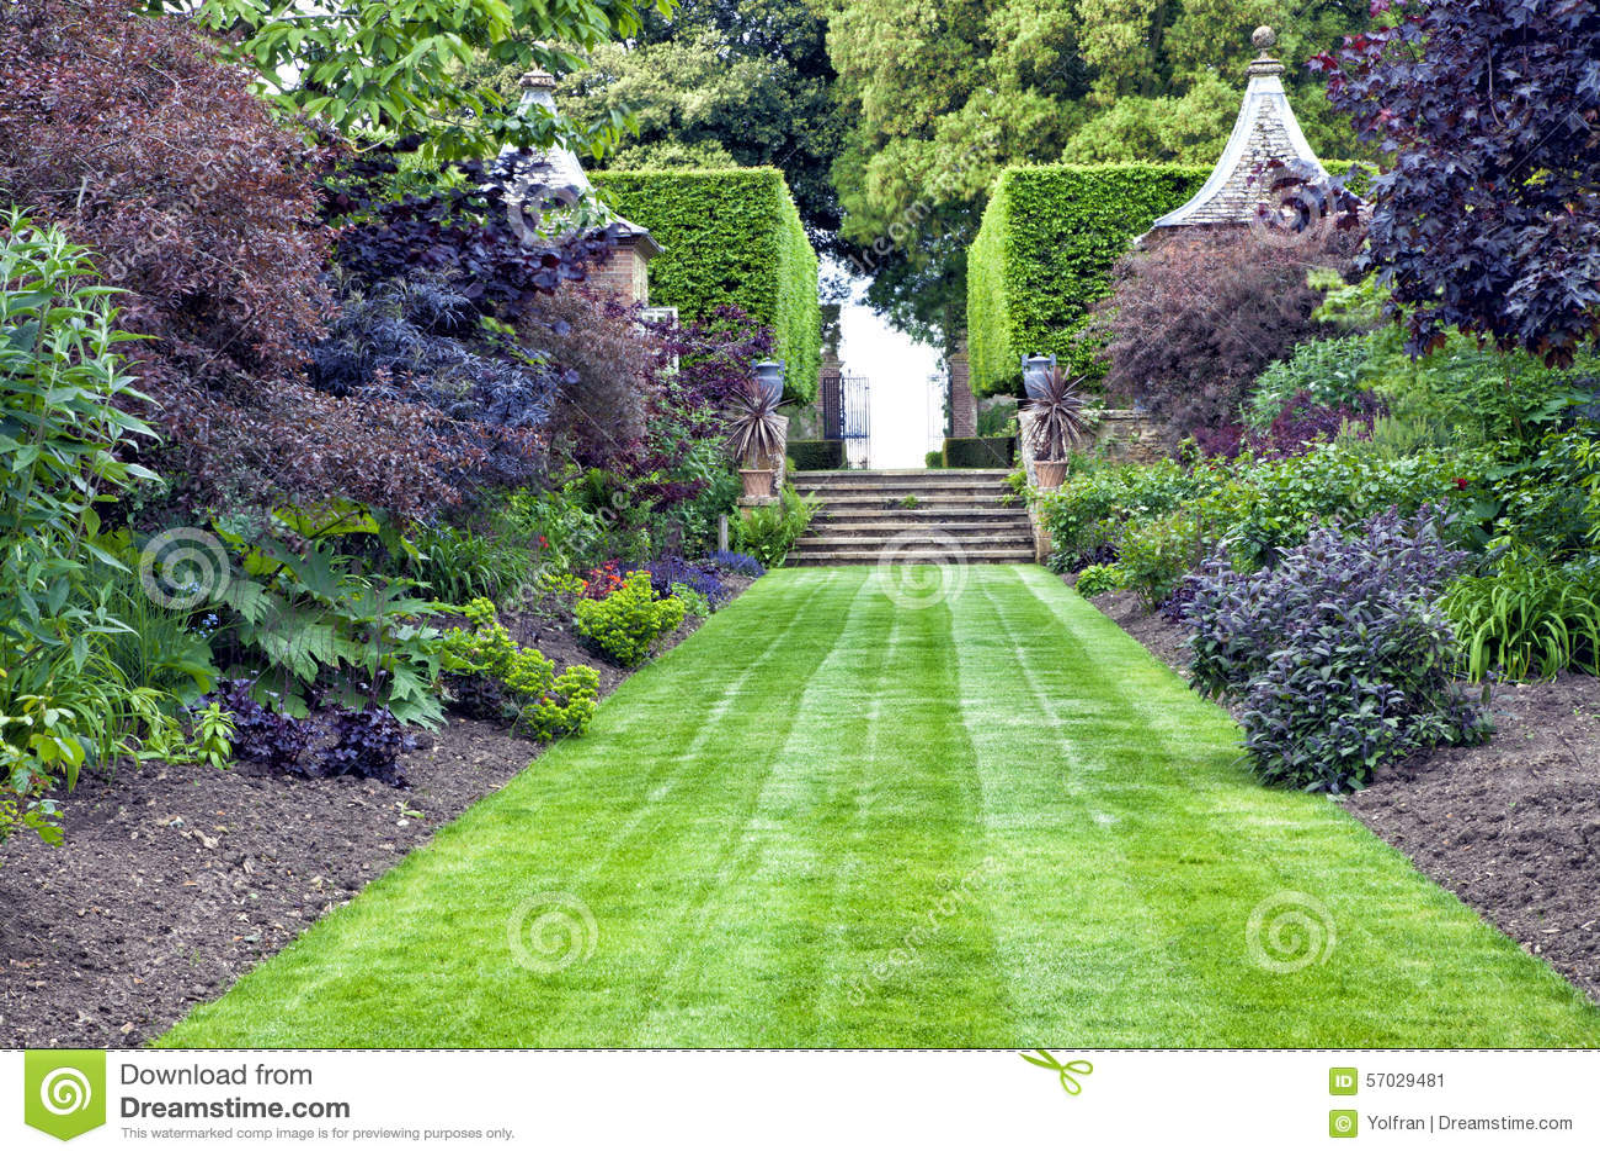 Erba il percorso che conduce per lapidare le scale in un - Erba nana per giardino ...